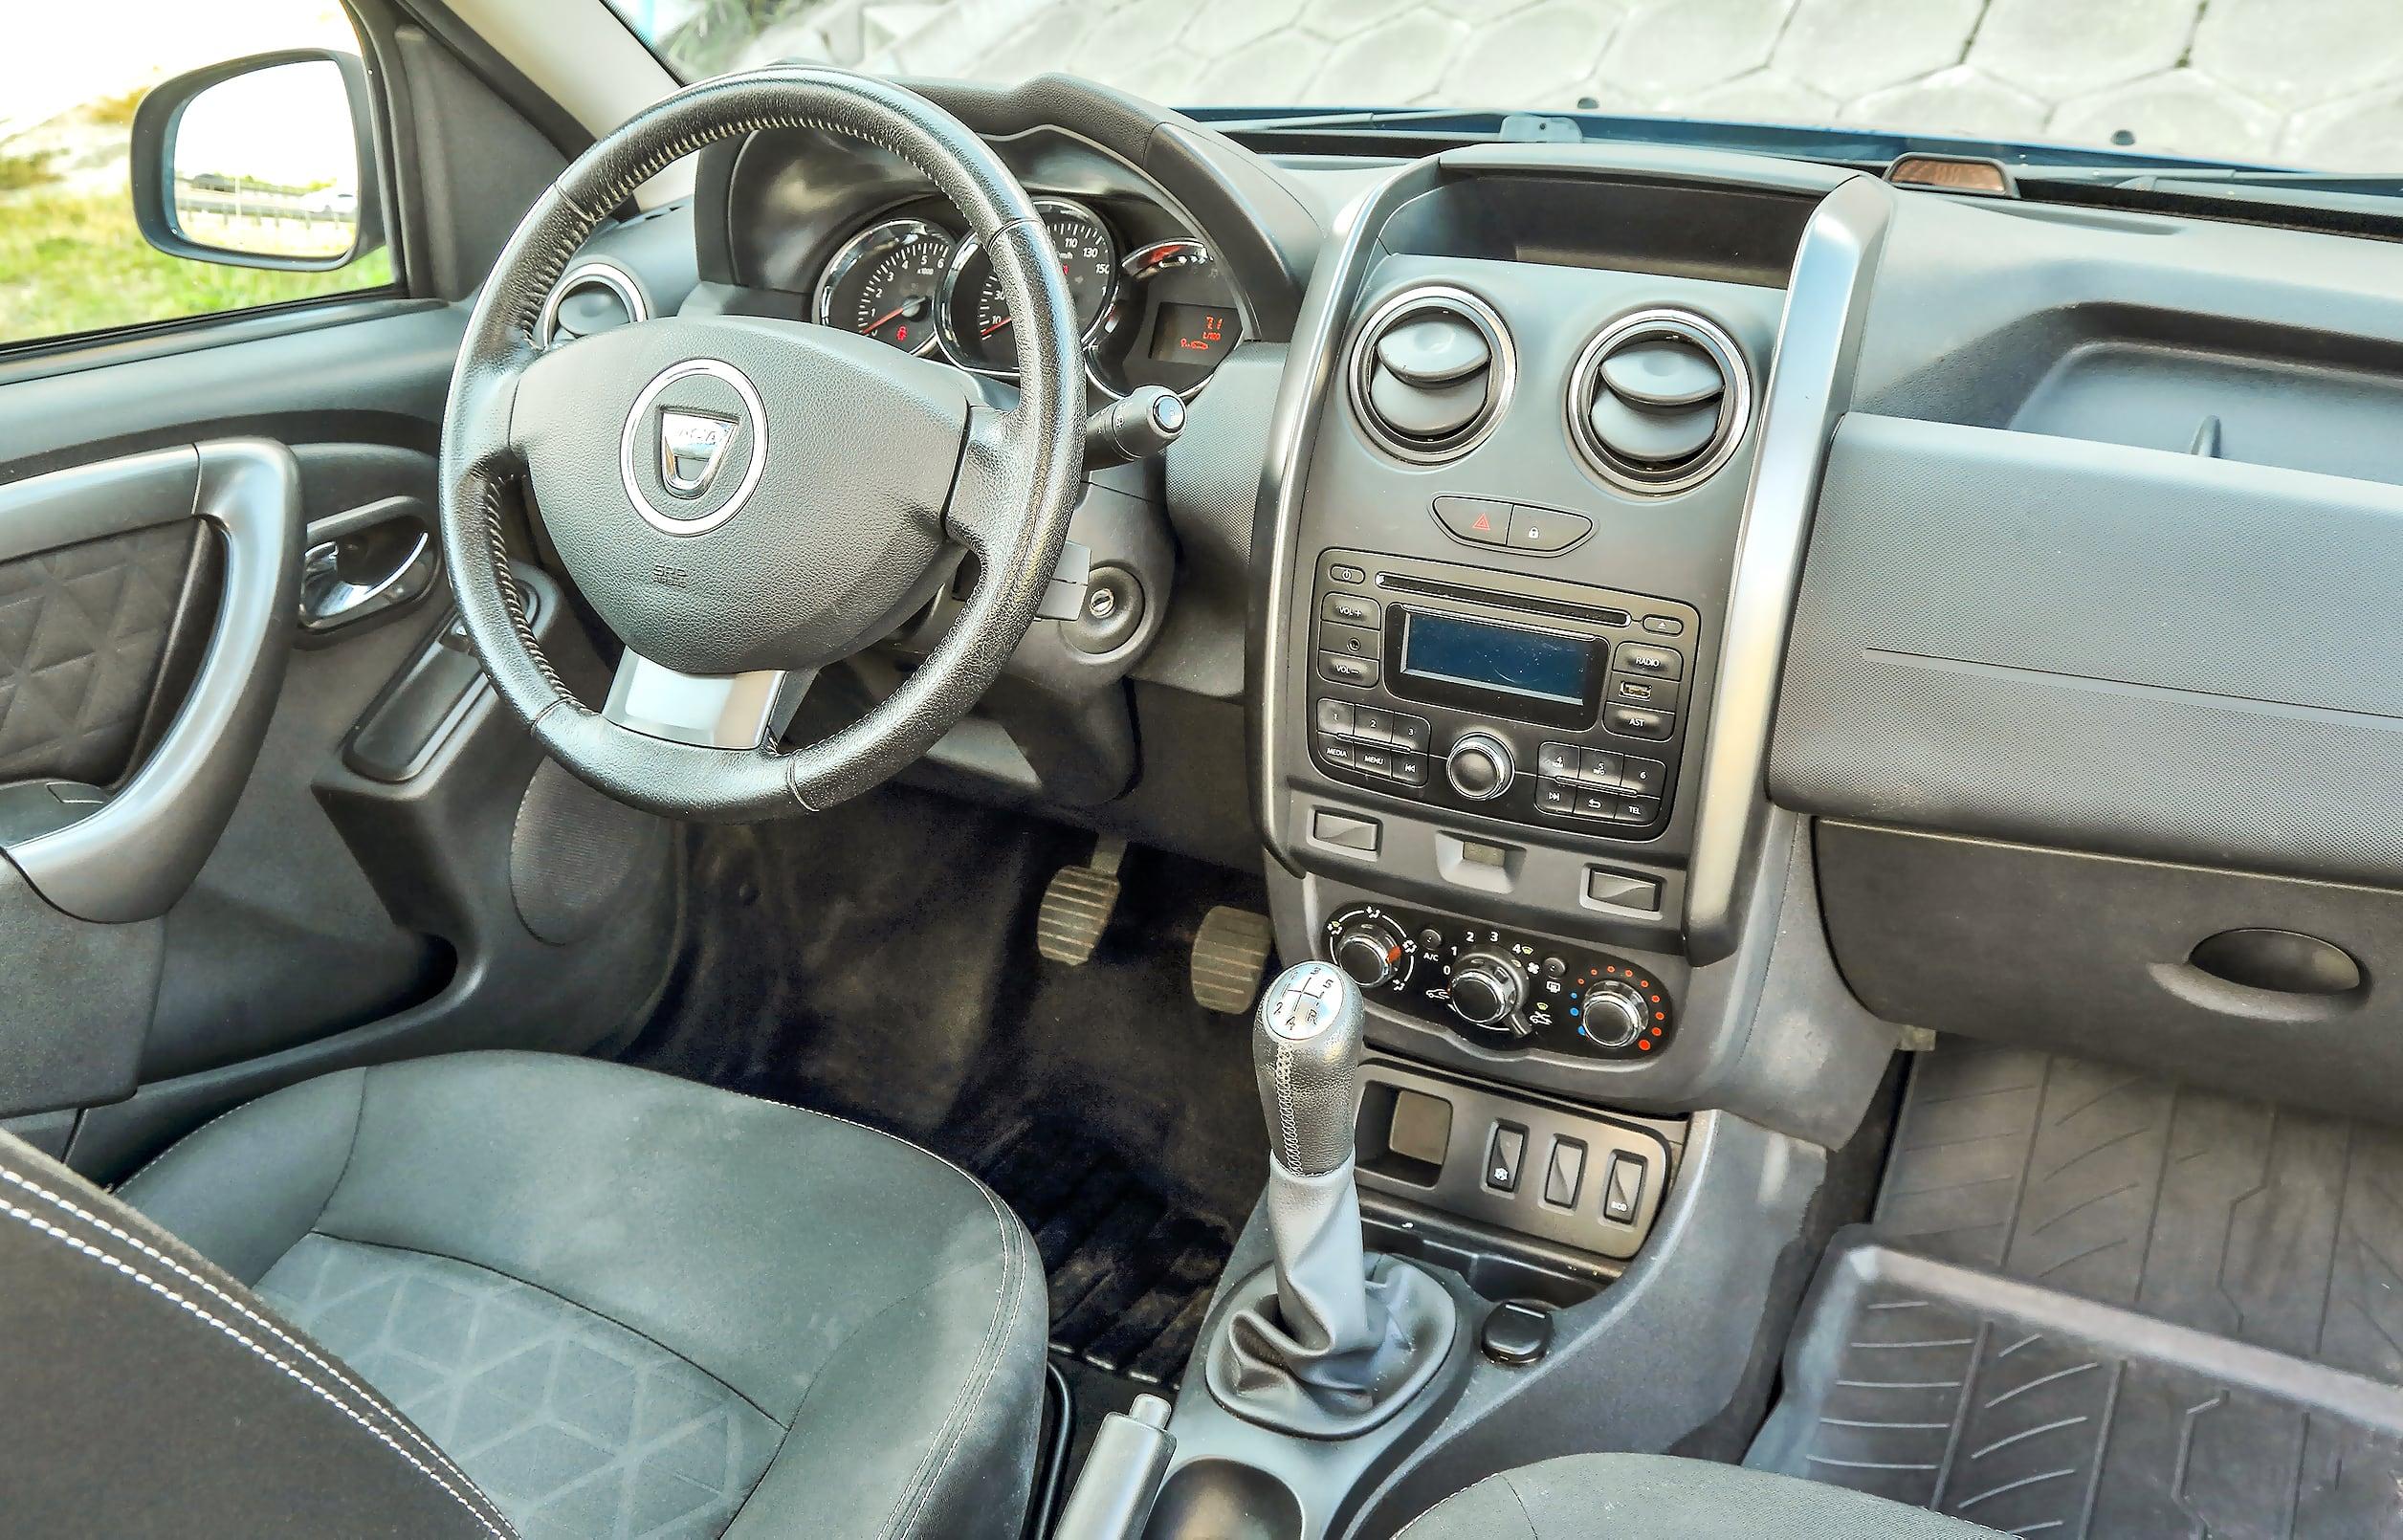 Dacia_Duster_1.6_SCe_6